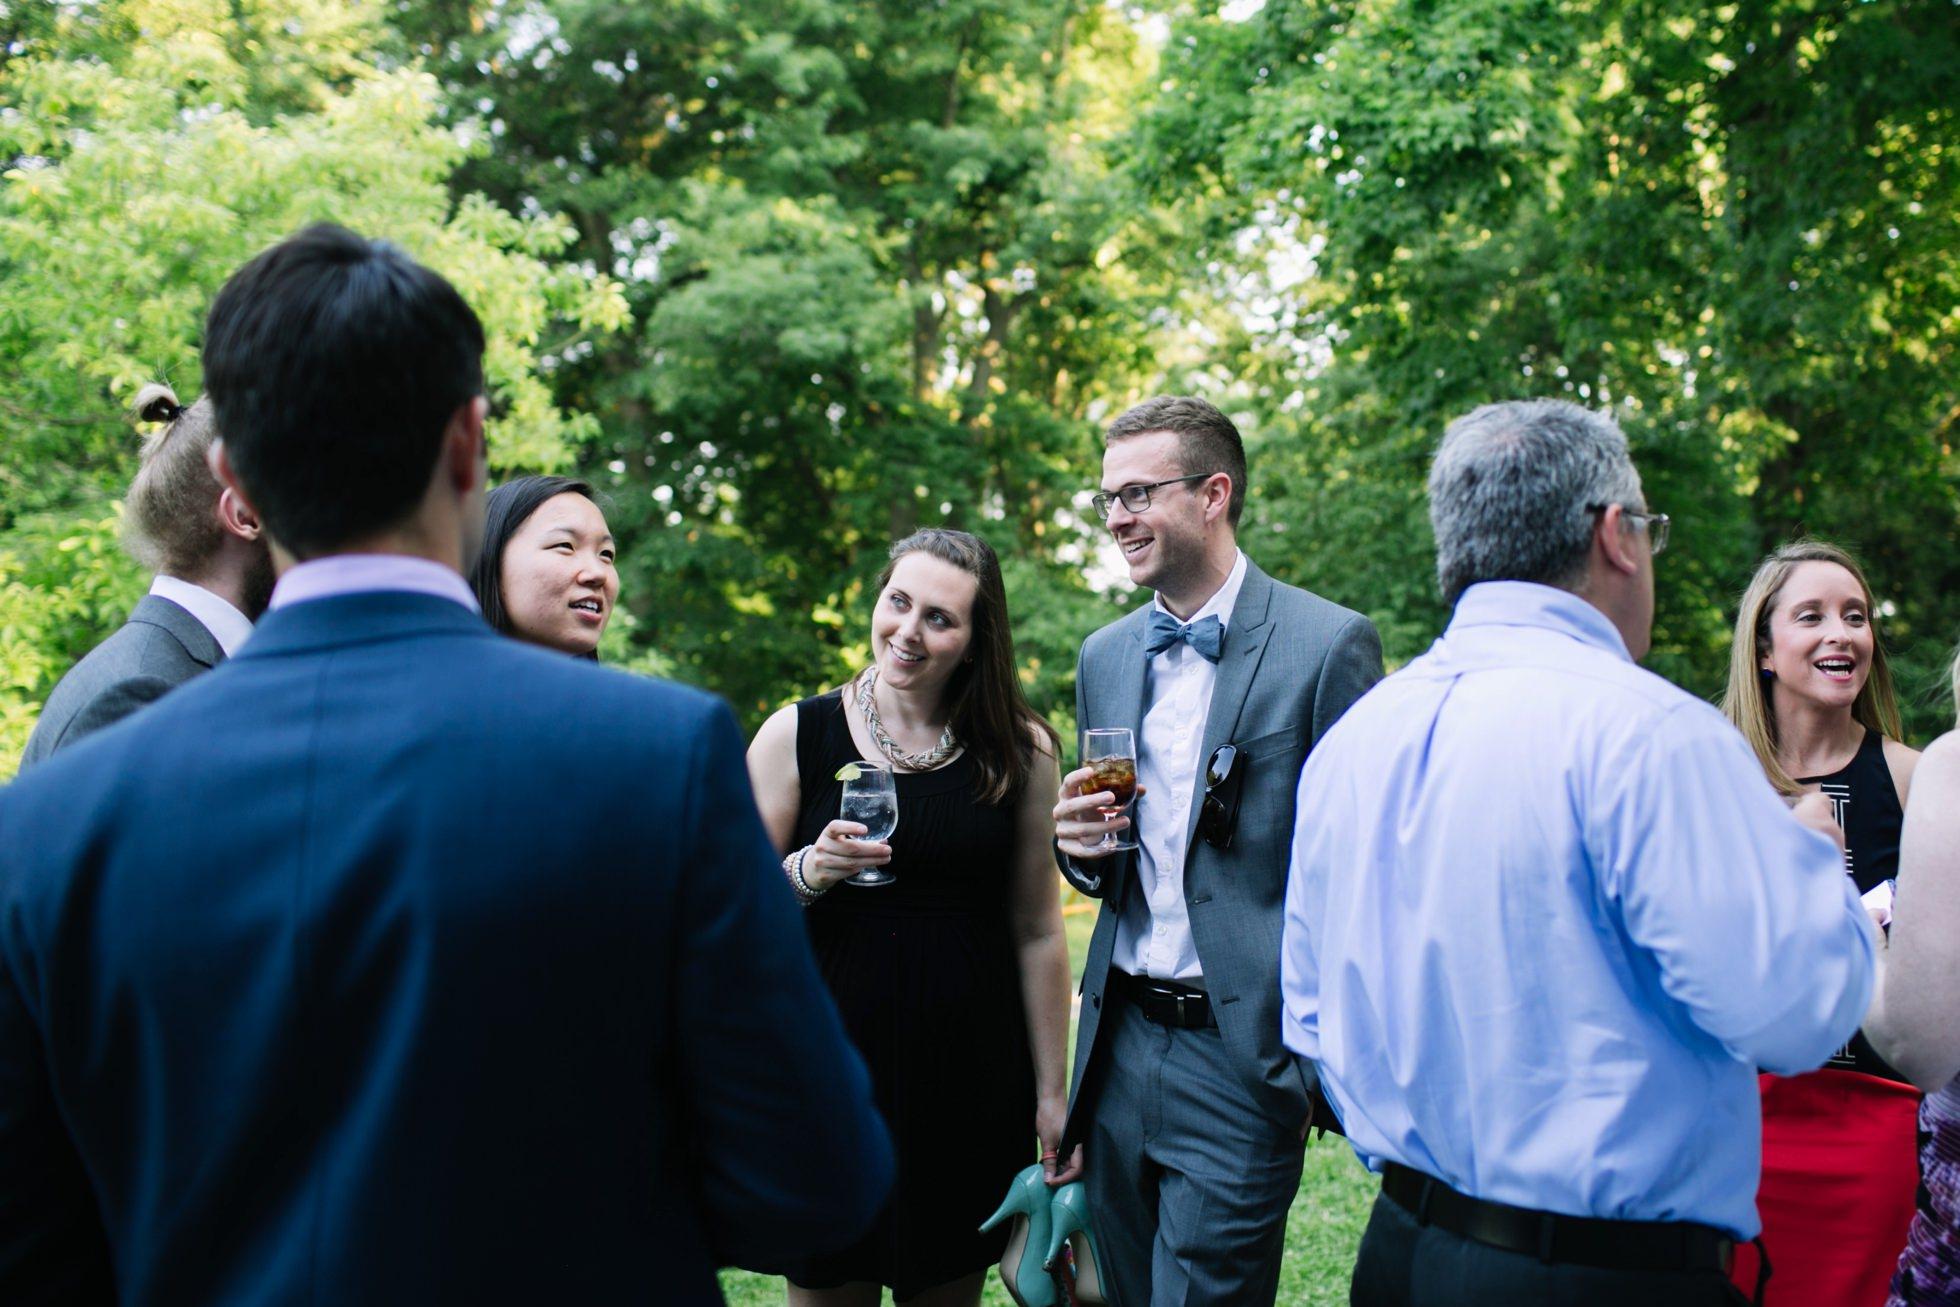 Romantic Bartram's Garden Outdoor Summer Wedding, Philadelphia | brittneyraine.com 066